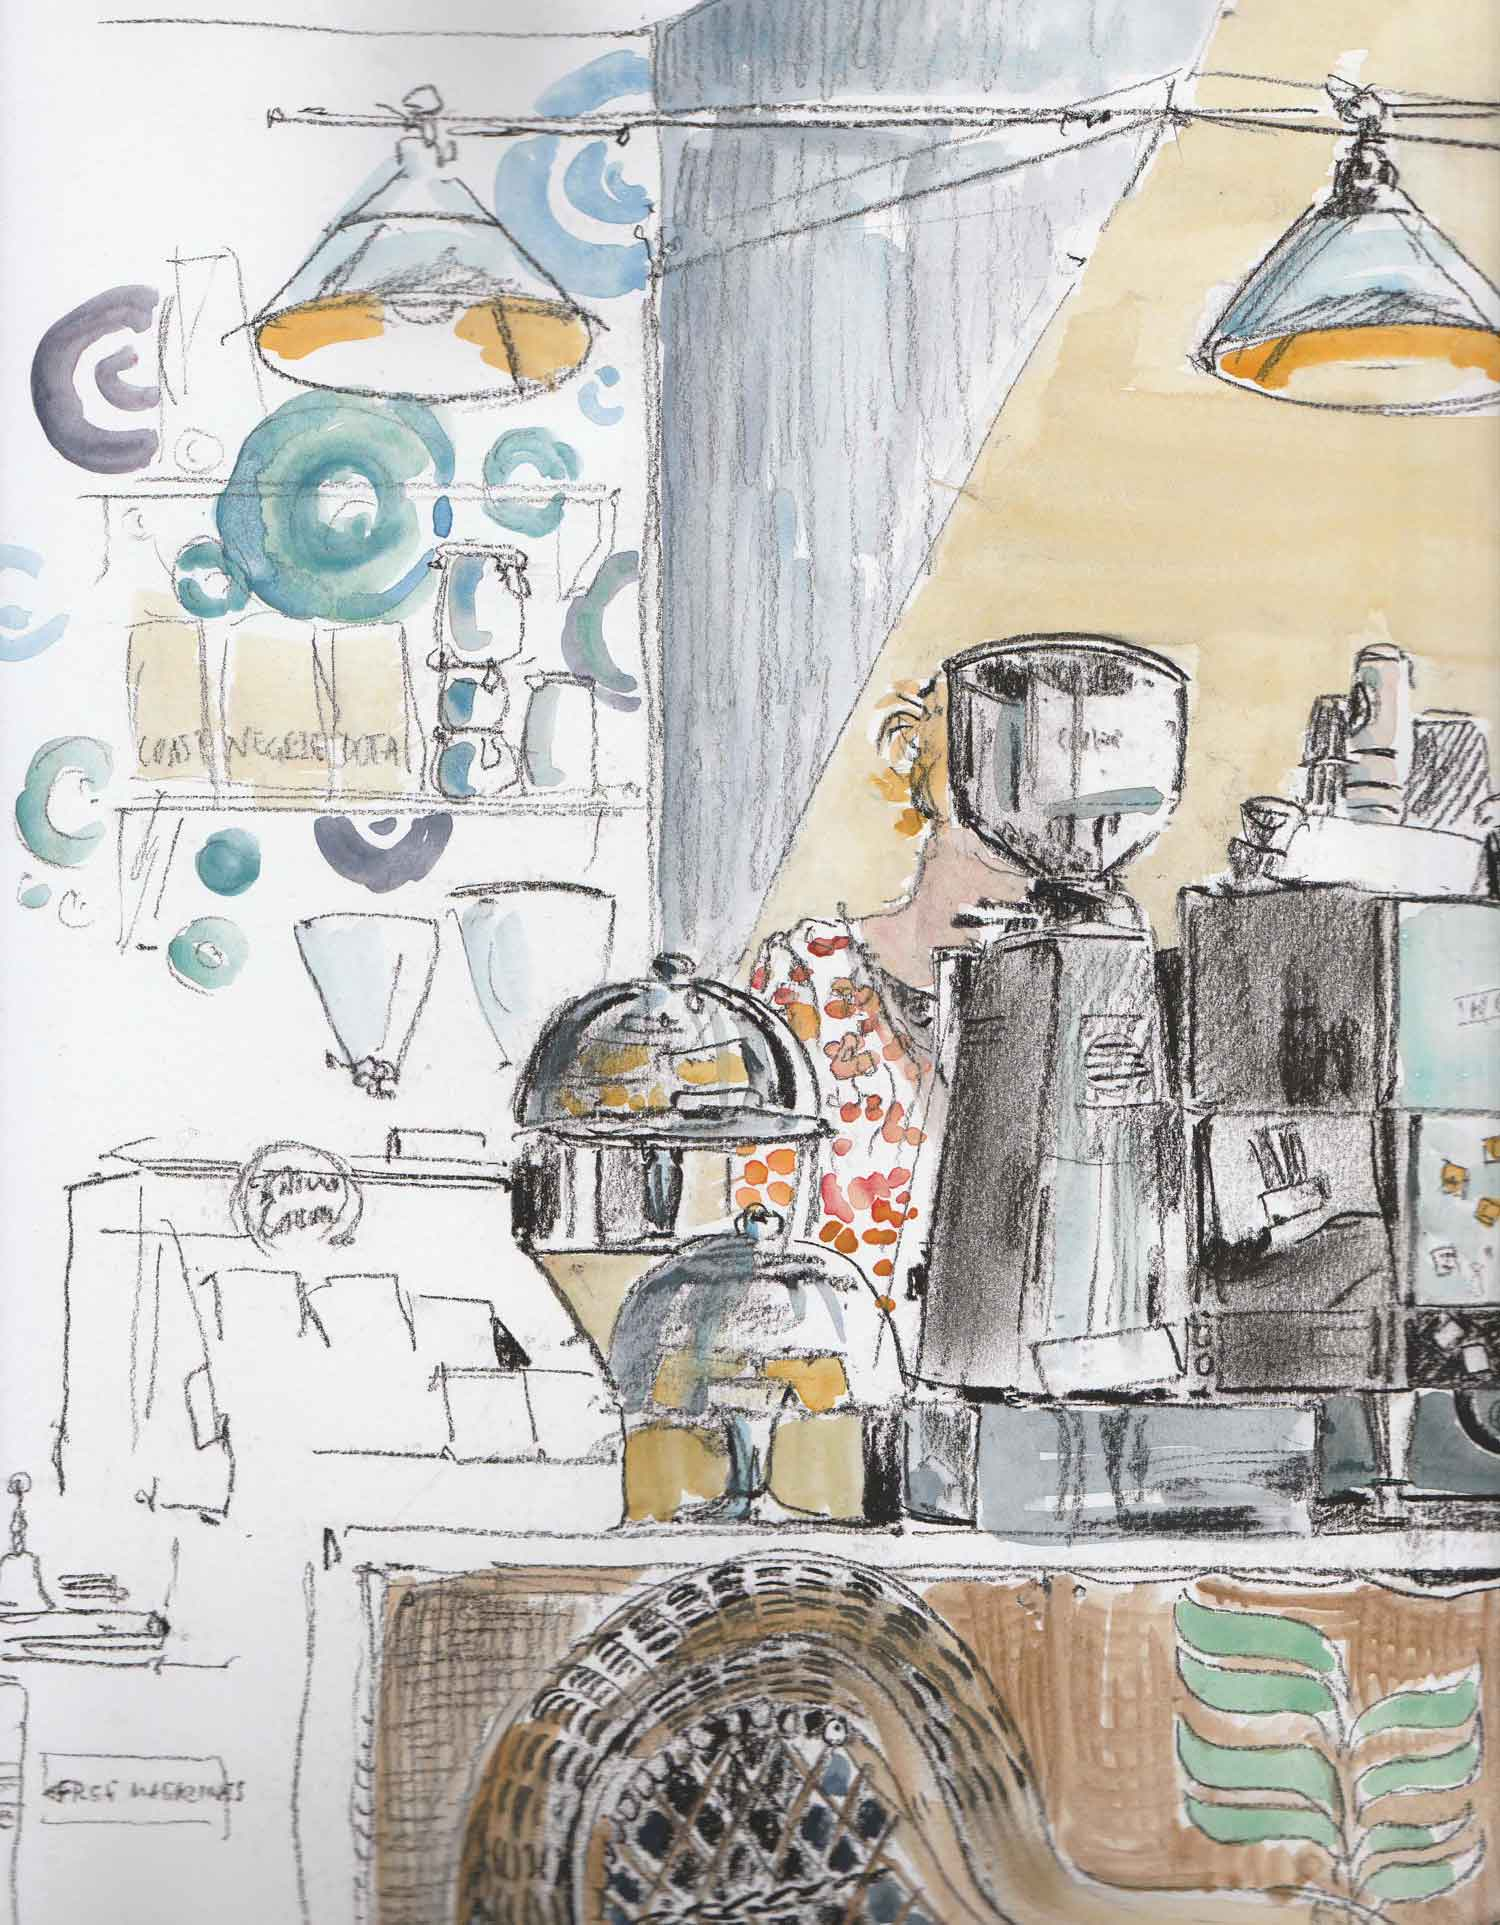 Heroes & Idols Coffee Shop, Lyme Regis